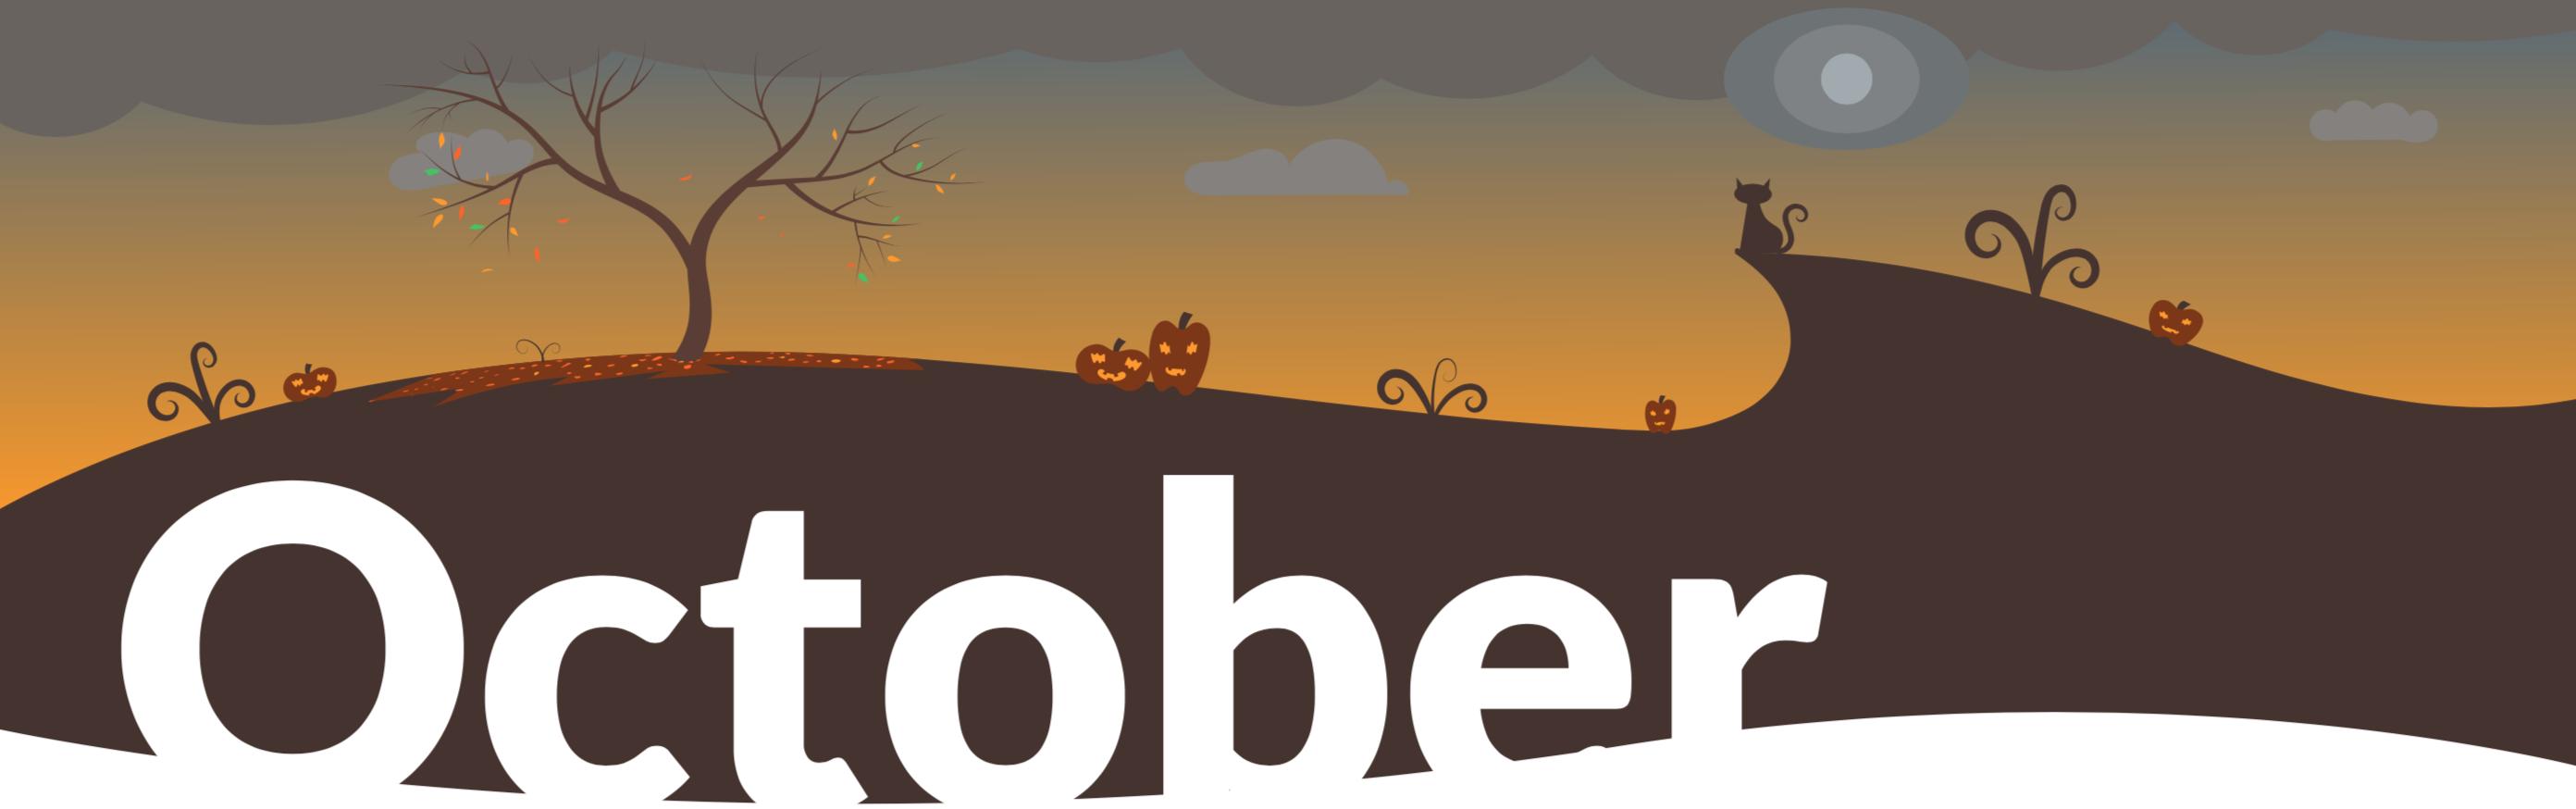 Social Media Holiday Calendar – October 2020